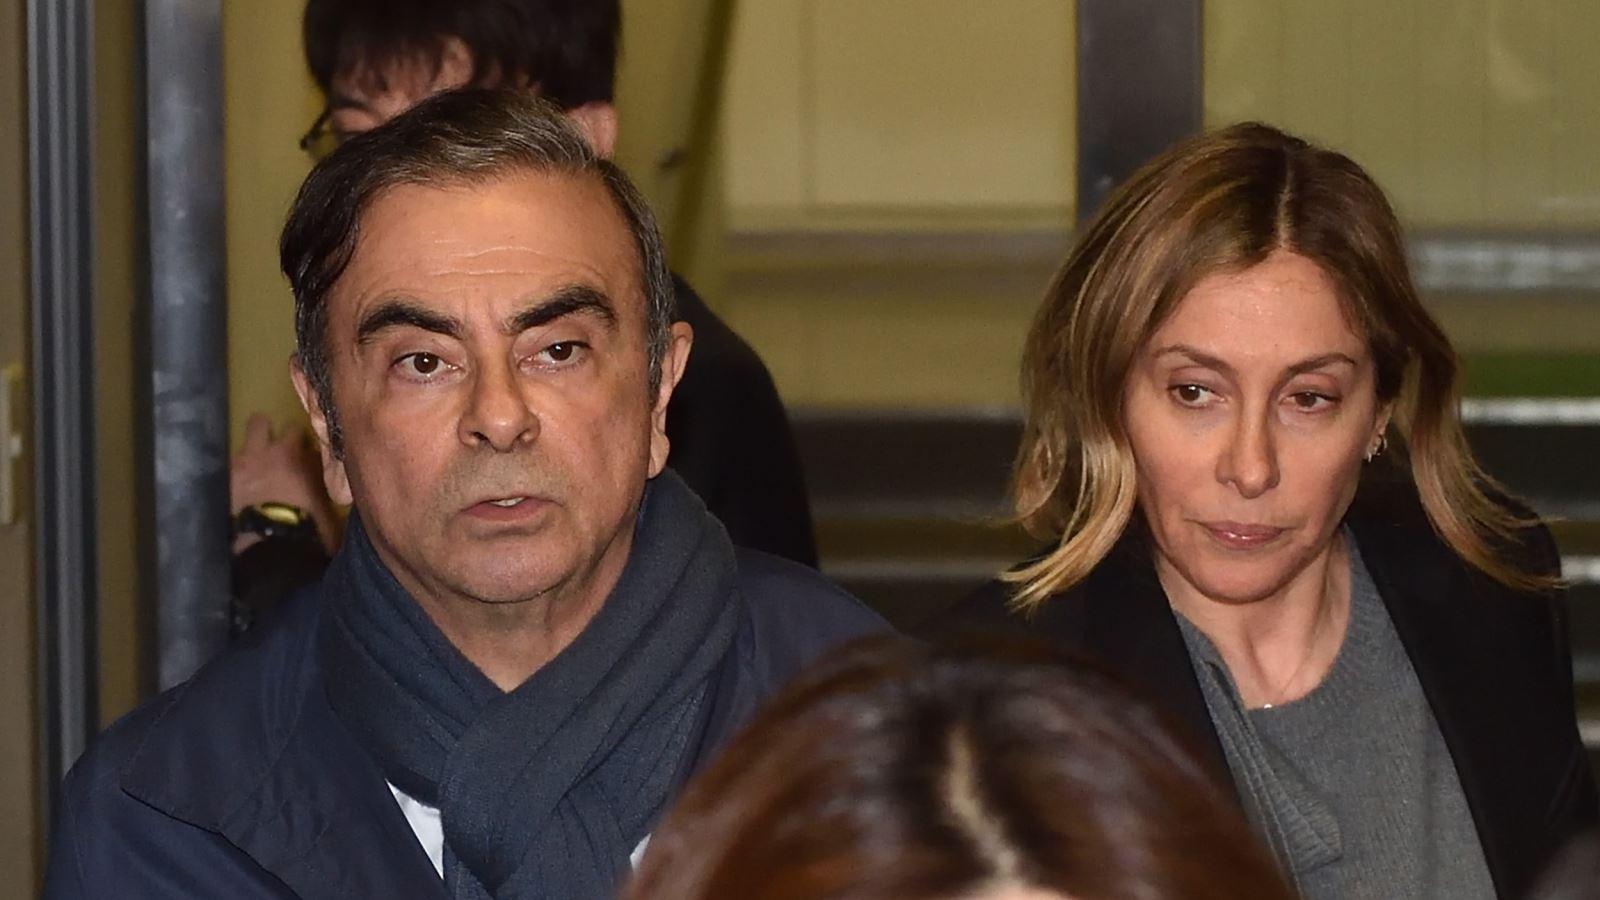 Cựu Chủ tịch Nissan C.Ghosn xuất hiện công khai đầu tiên trong cuộc họp báo tại Liban